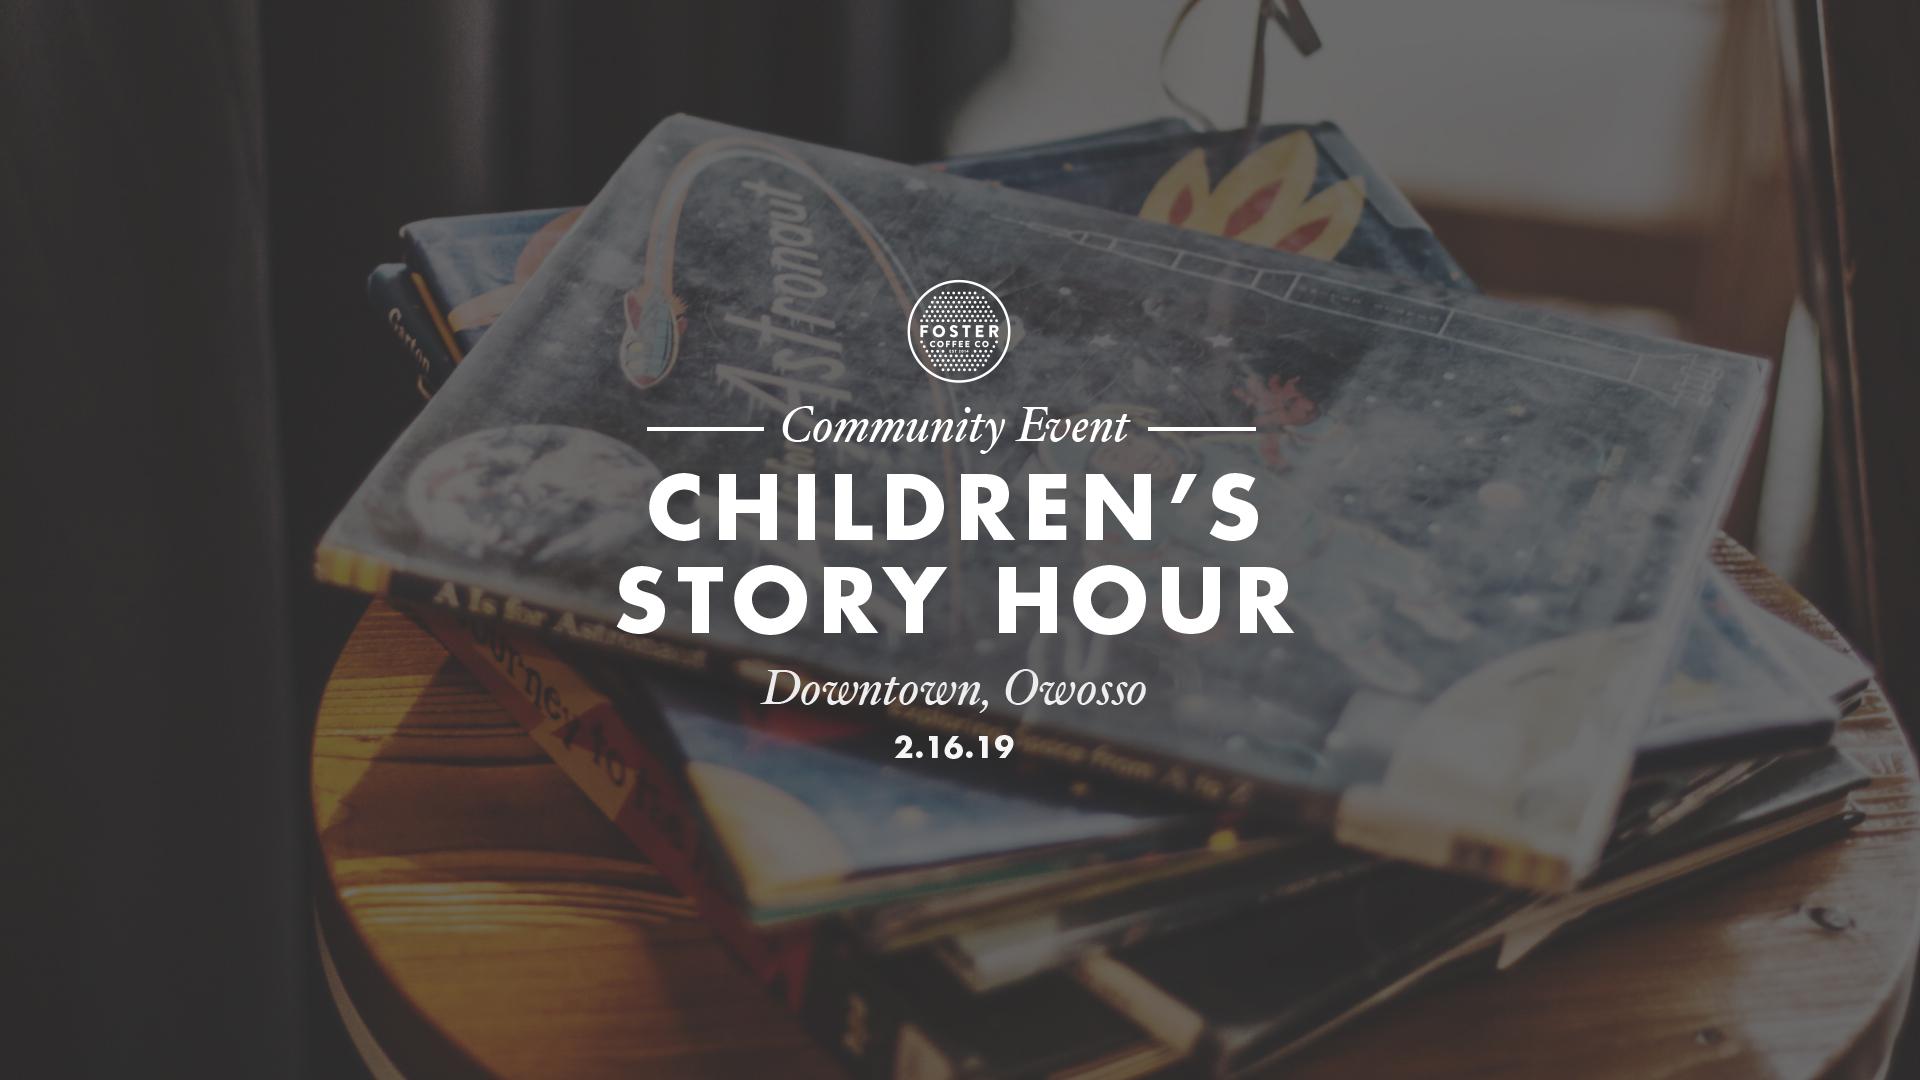 Children's_Story_Hour_2.16.19.jpg